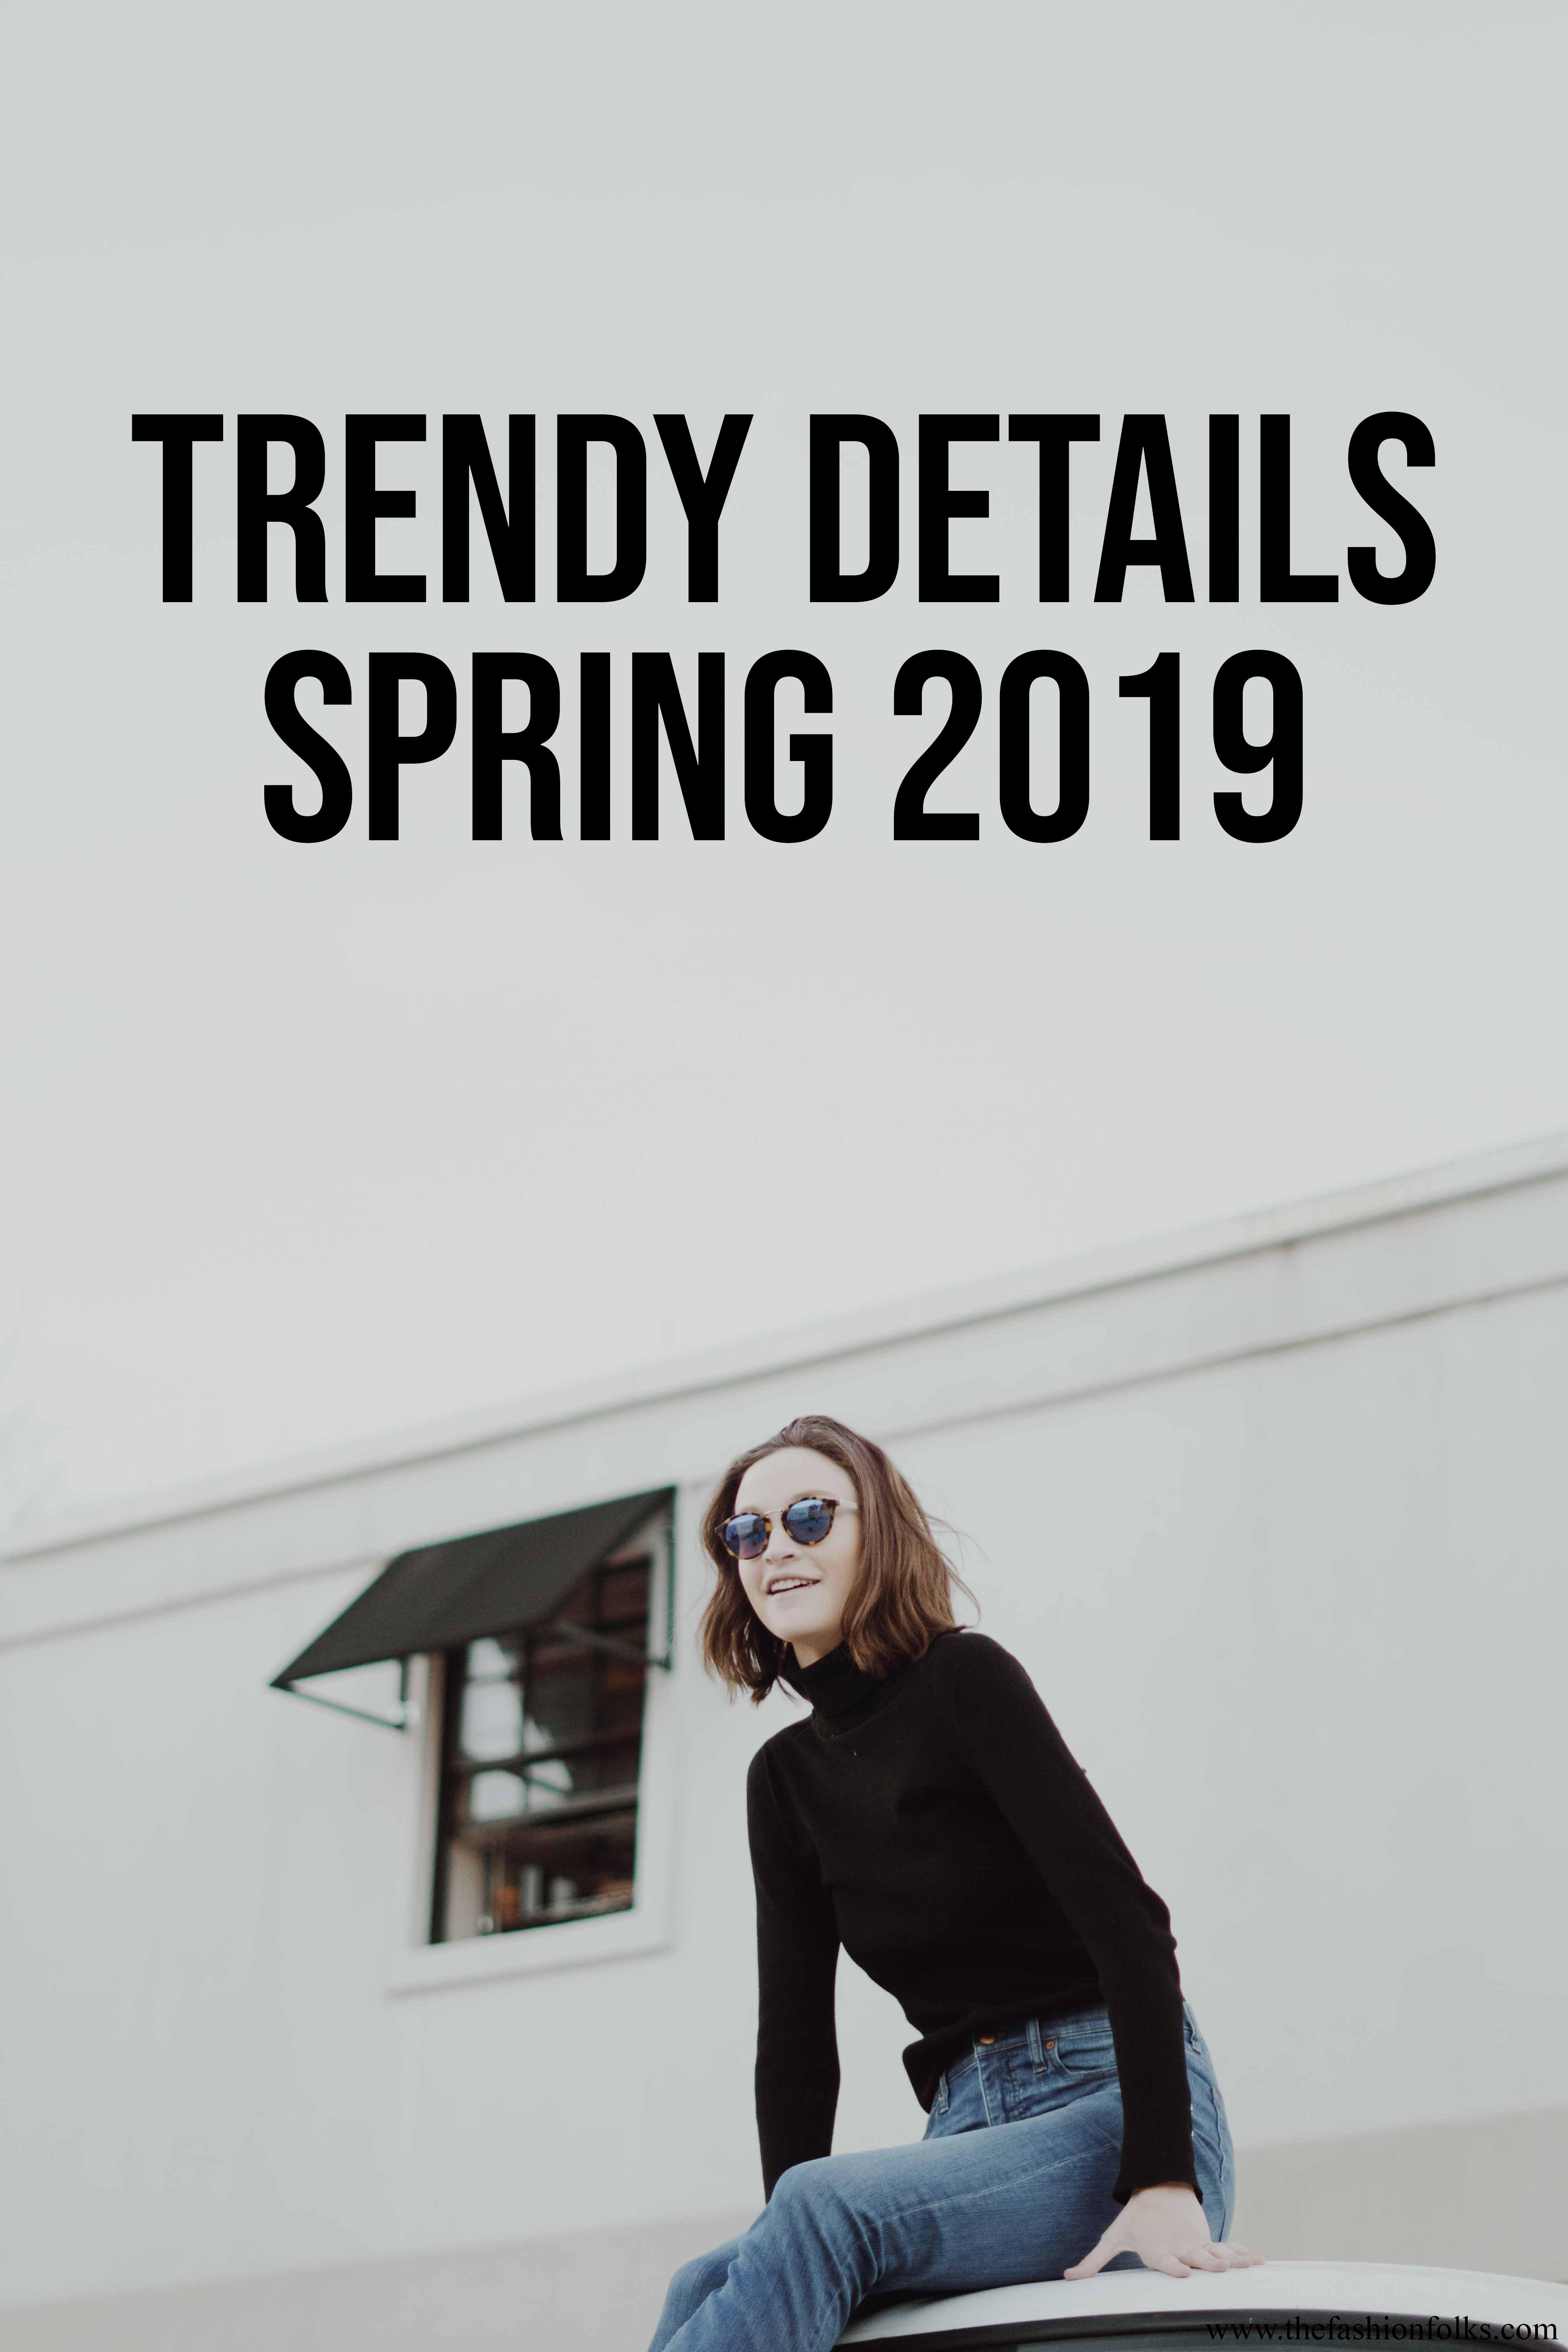 5 Trendy Details Spring 2019